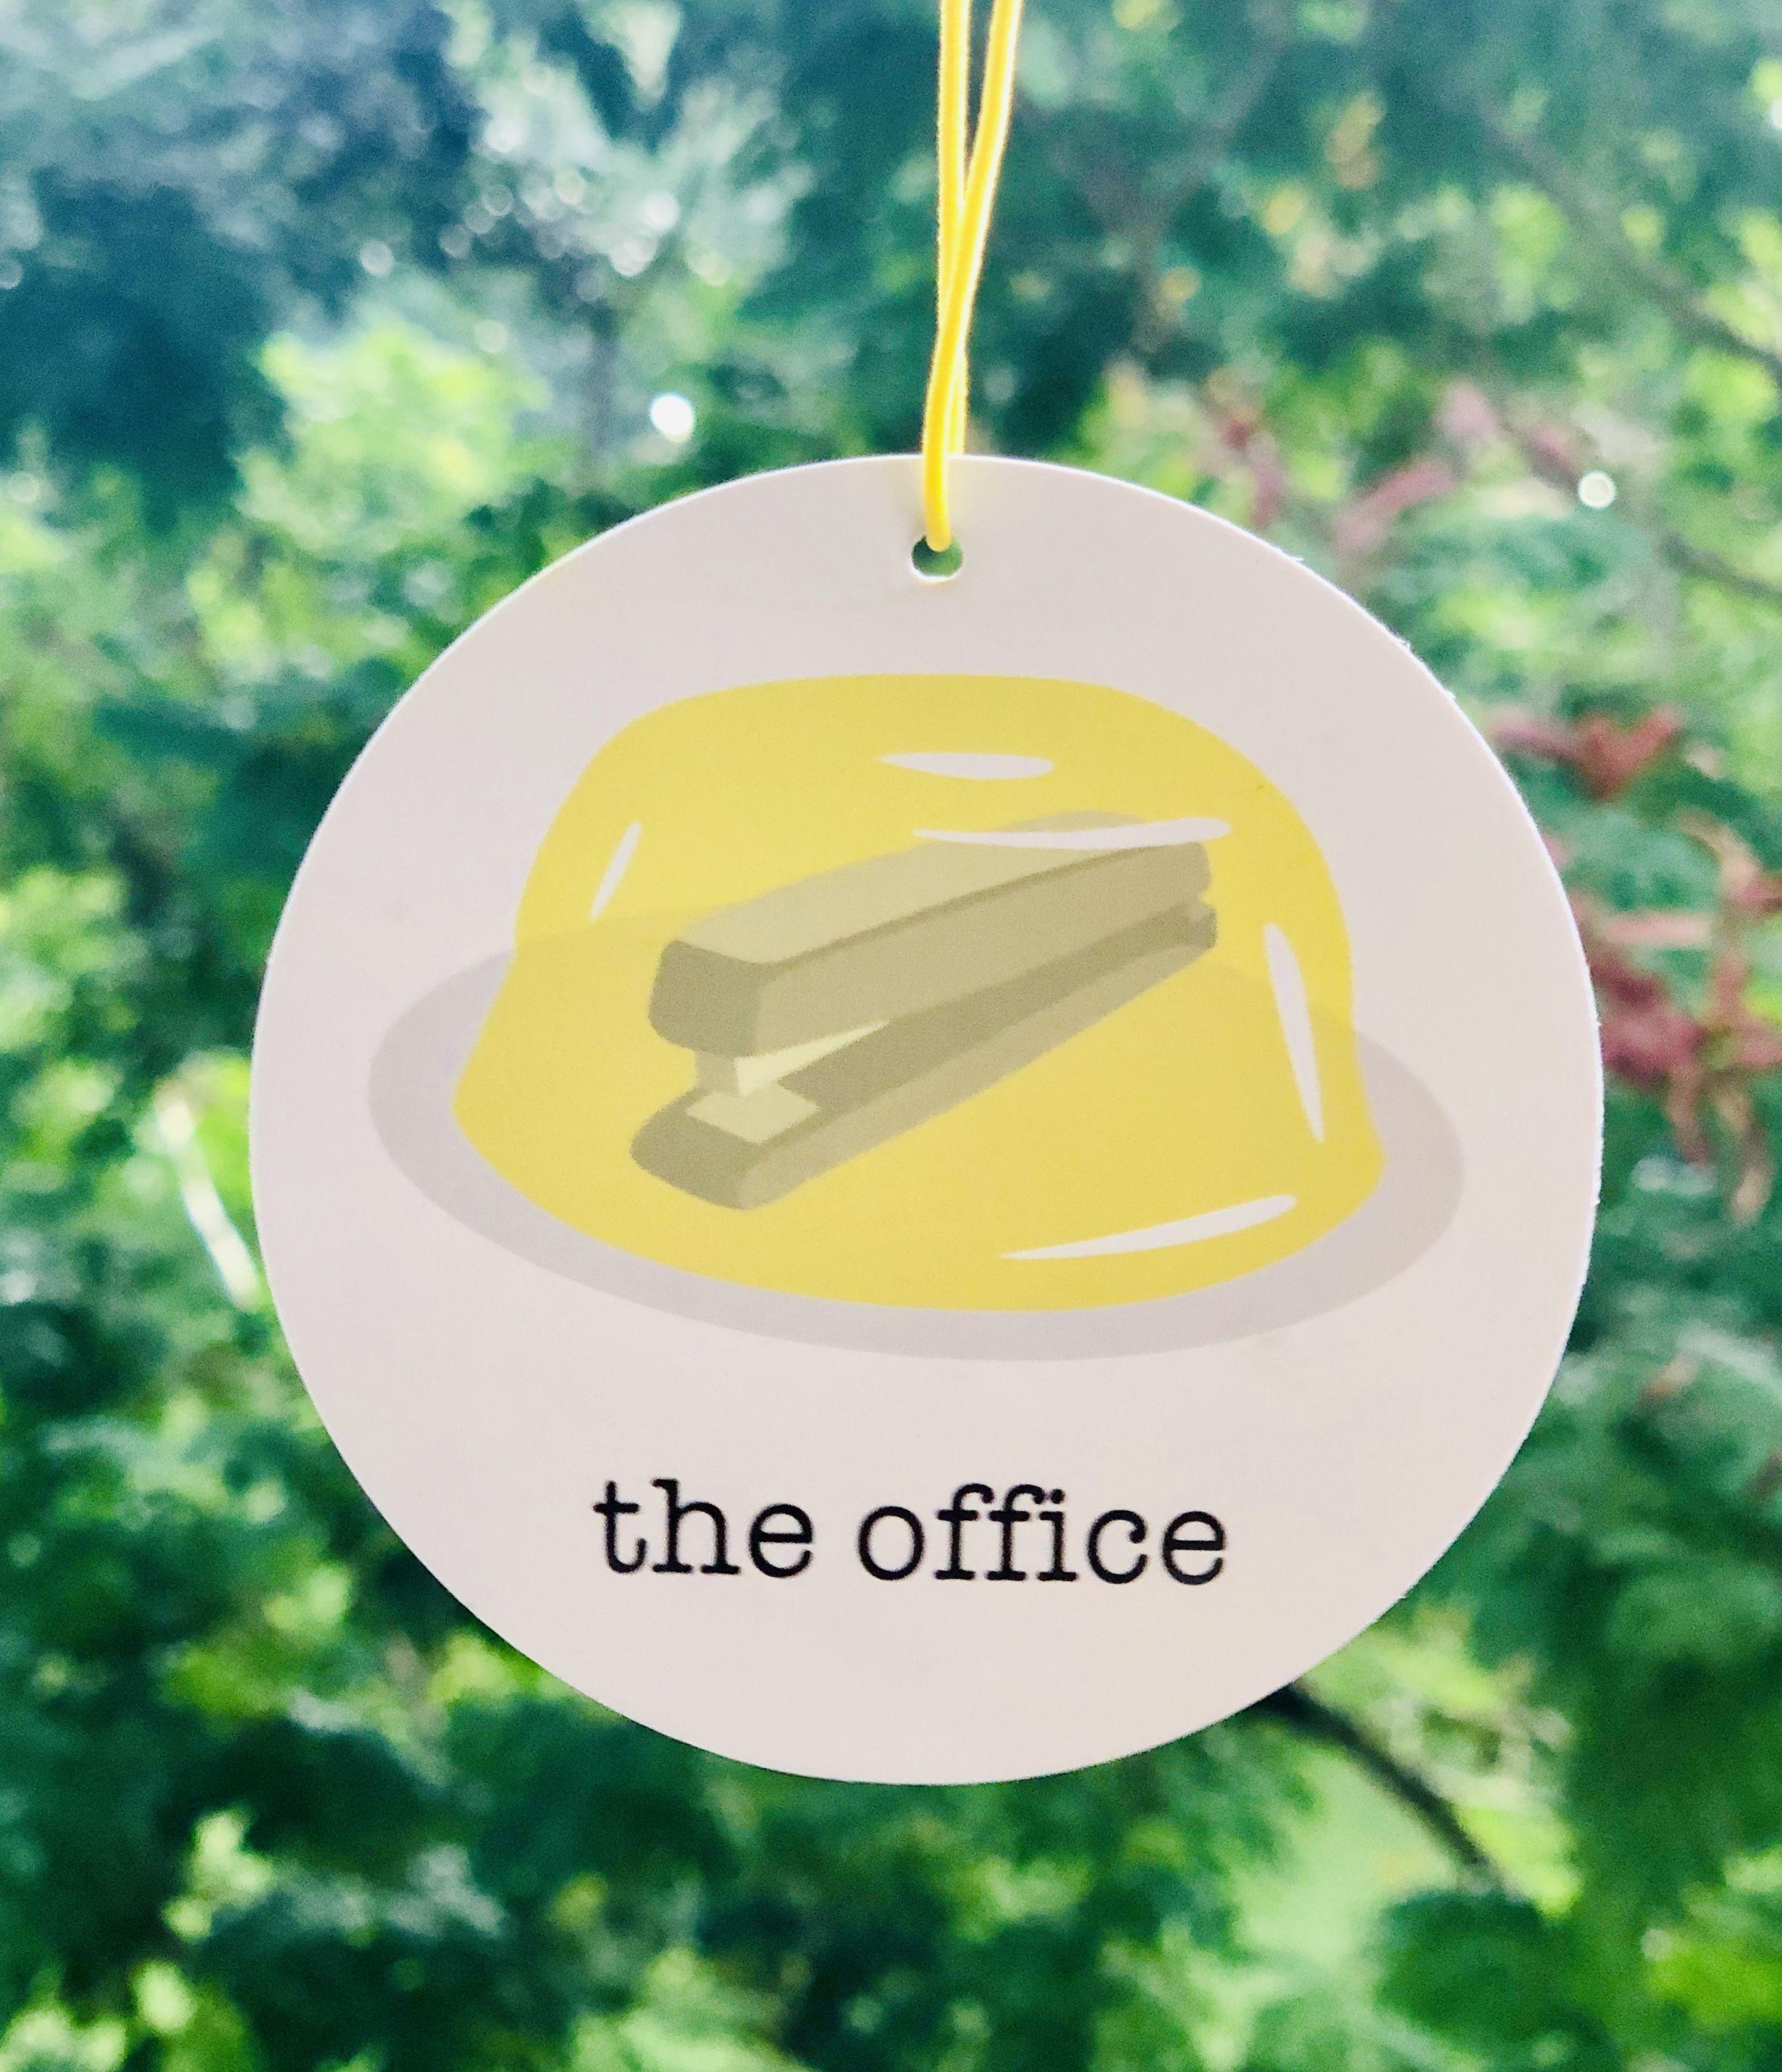 Stapler in Jello Air Freshener the office car freshener